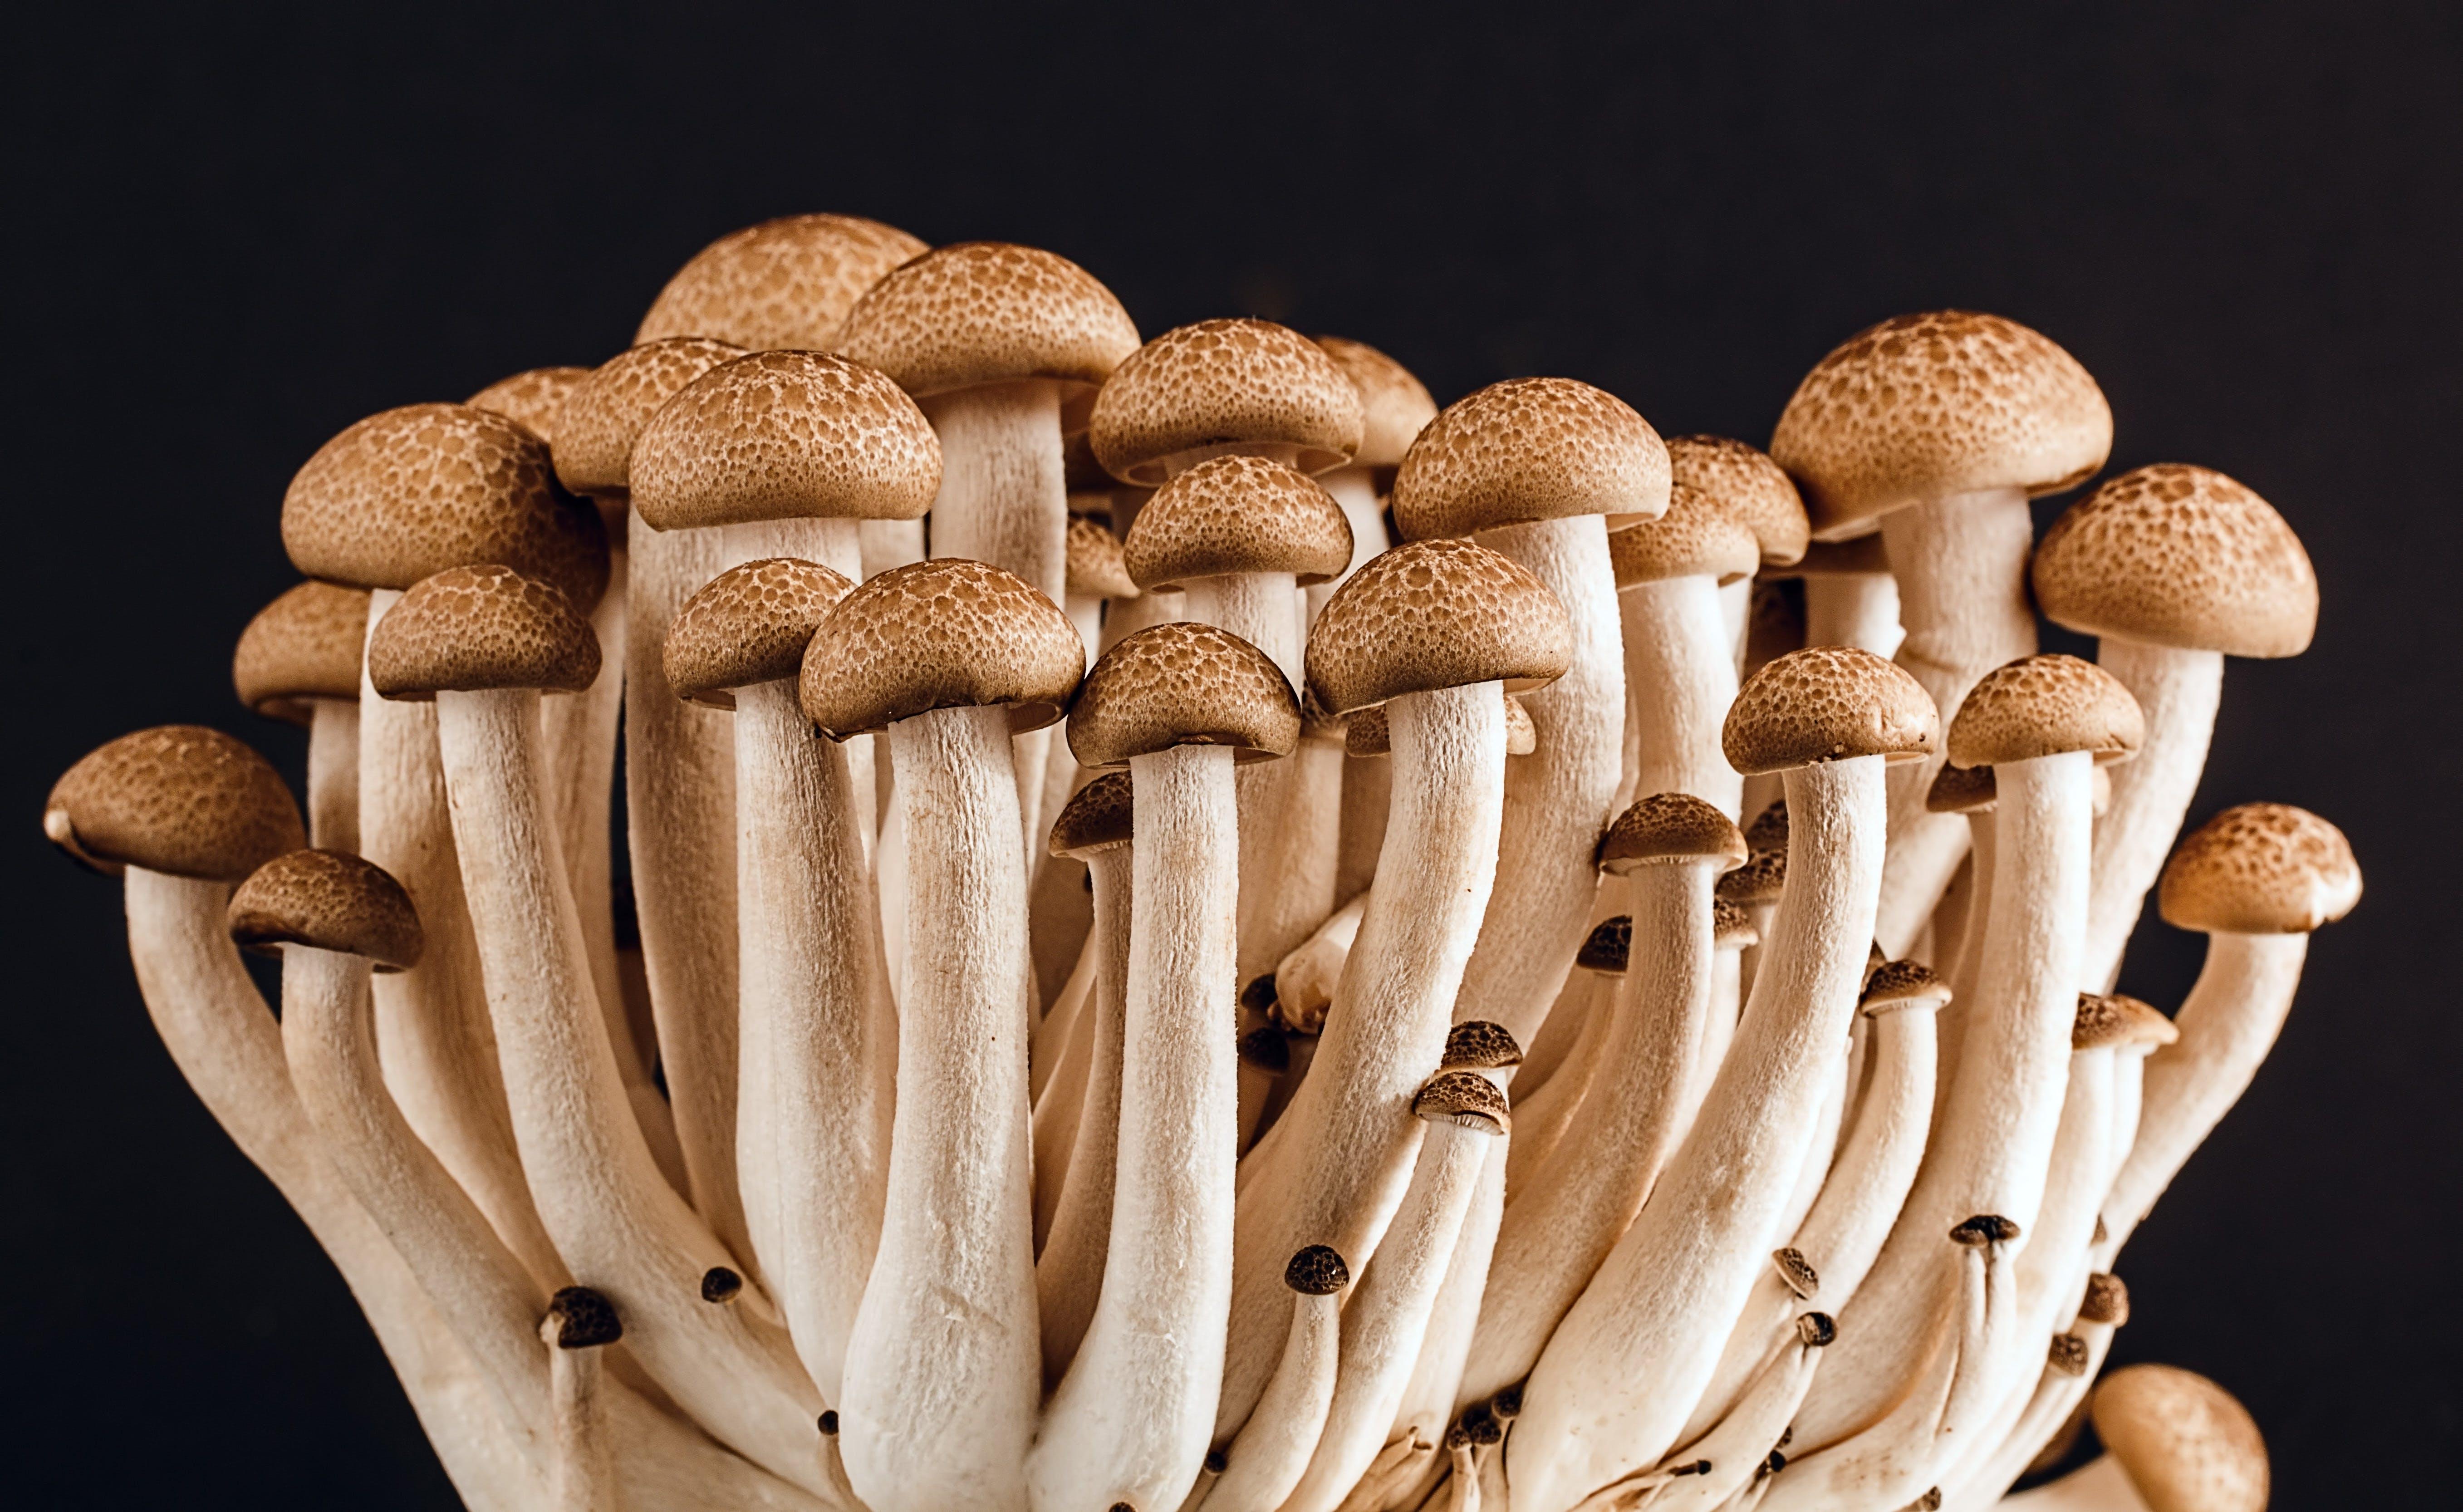 čerstvý, houby, hřib